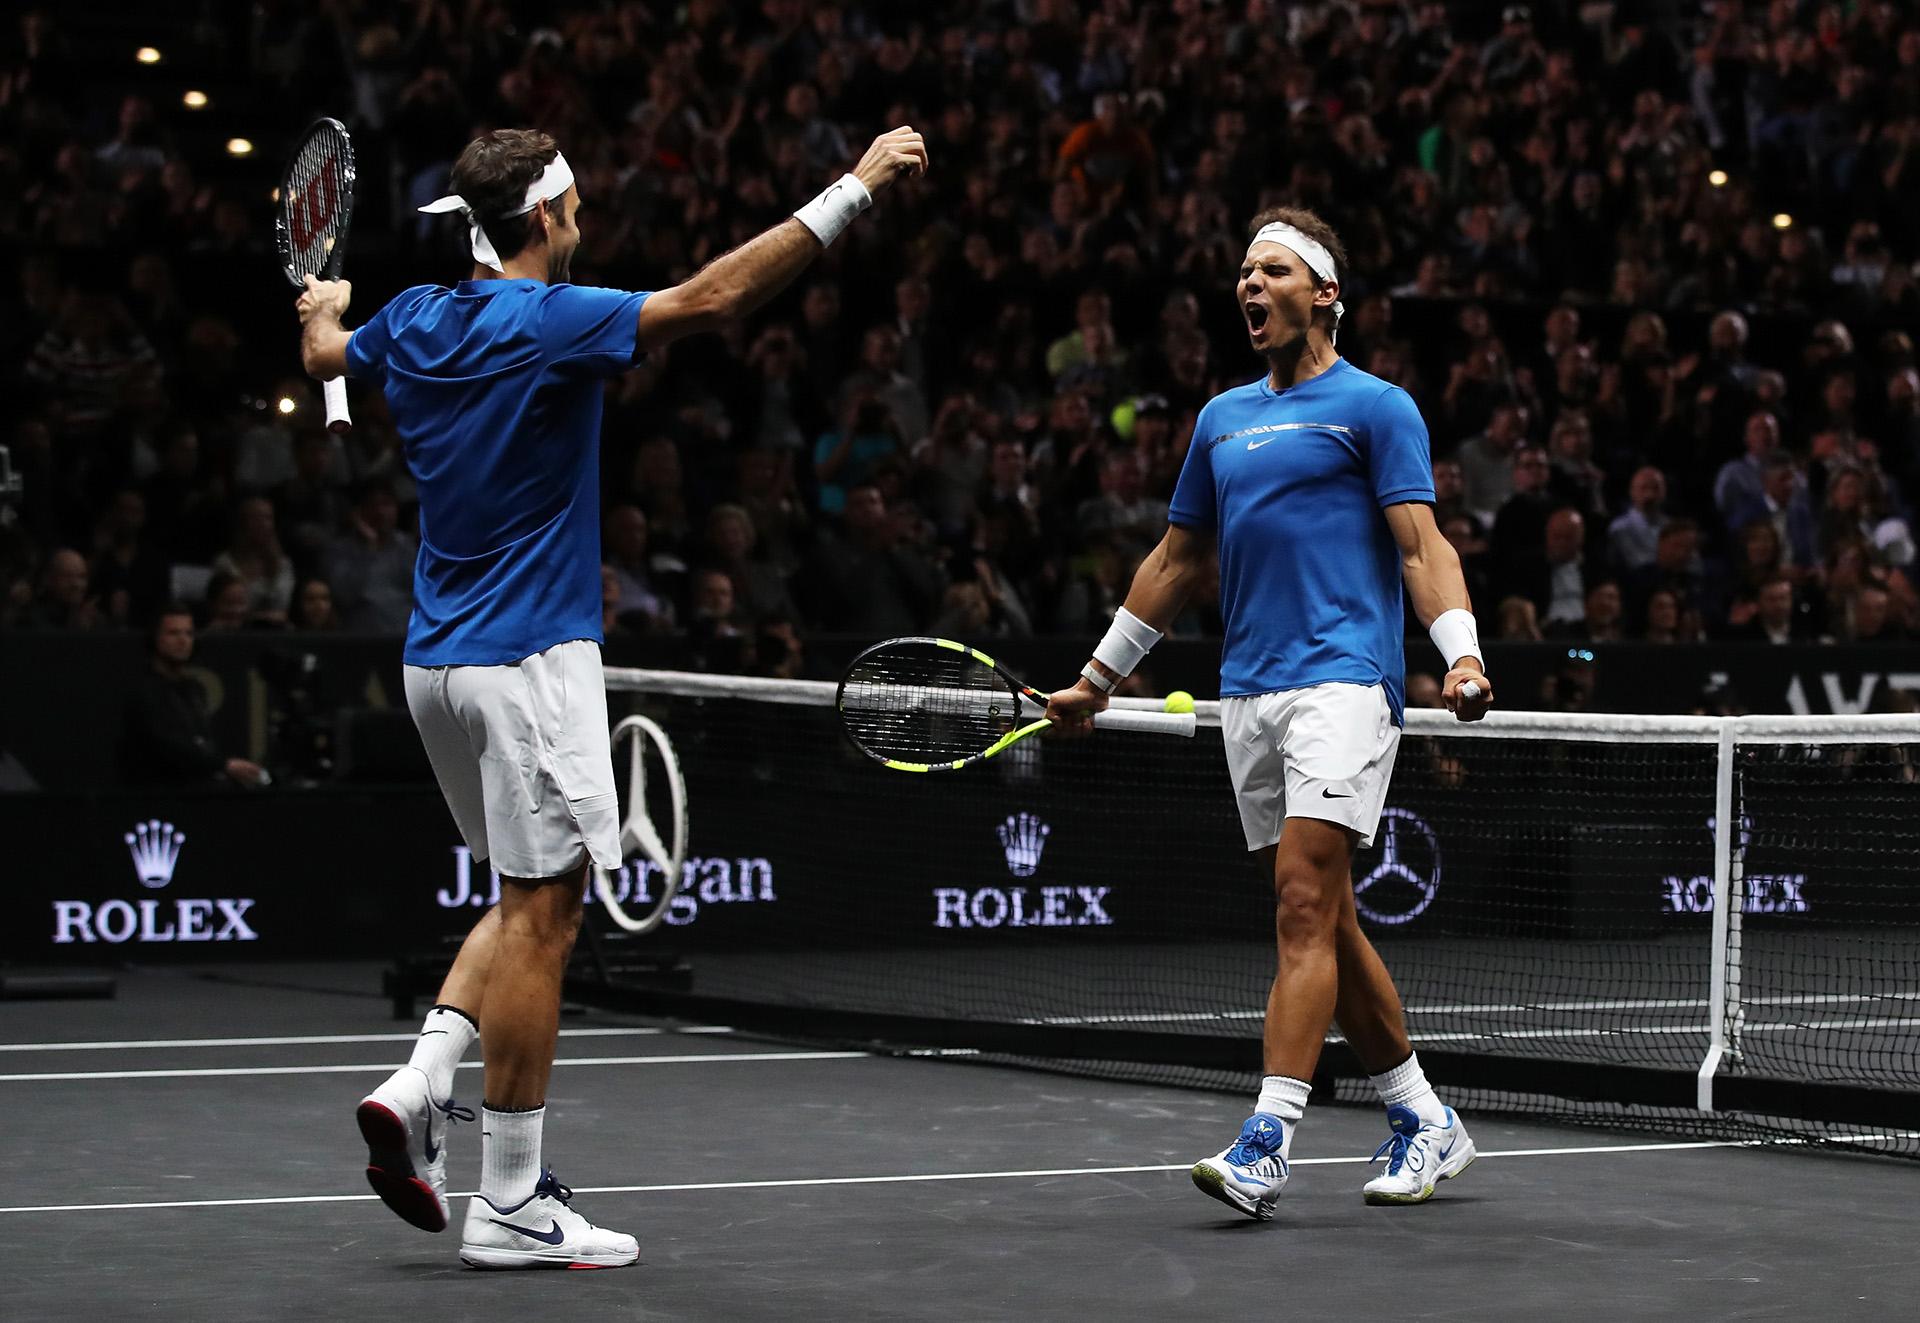 """Pasar una semana así en grupo con Rafa y los demás que casi todos están entre los 10 primeros (de la ATP) es muy particular y enriquecedor""""- Federer."""